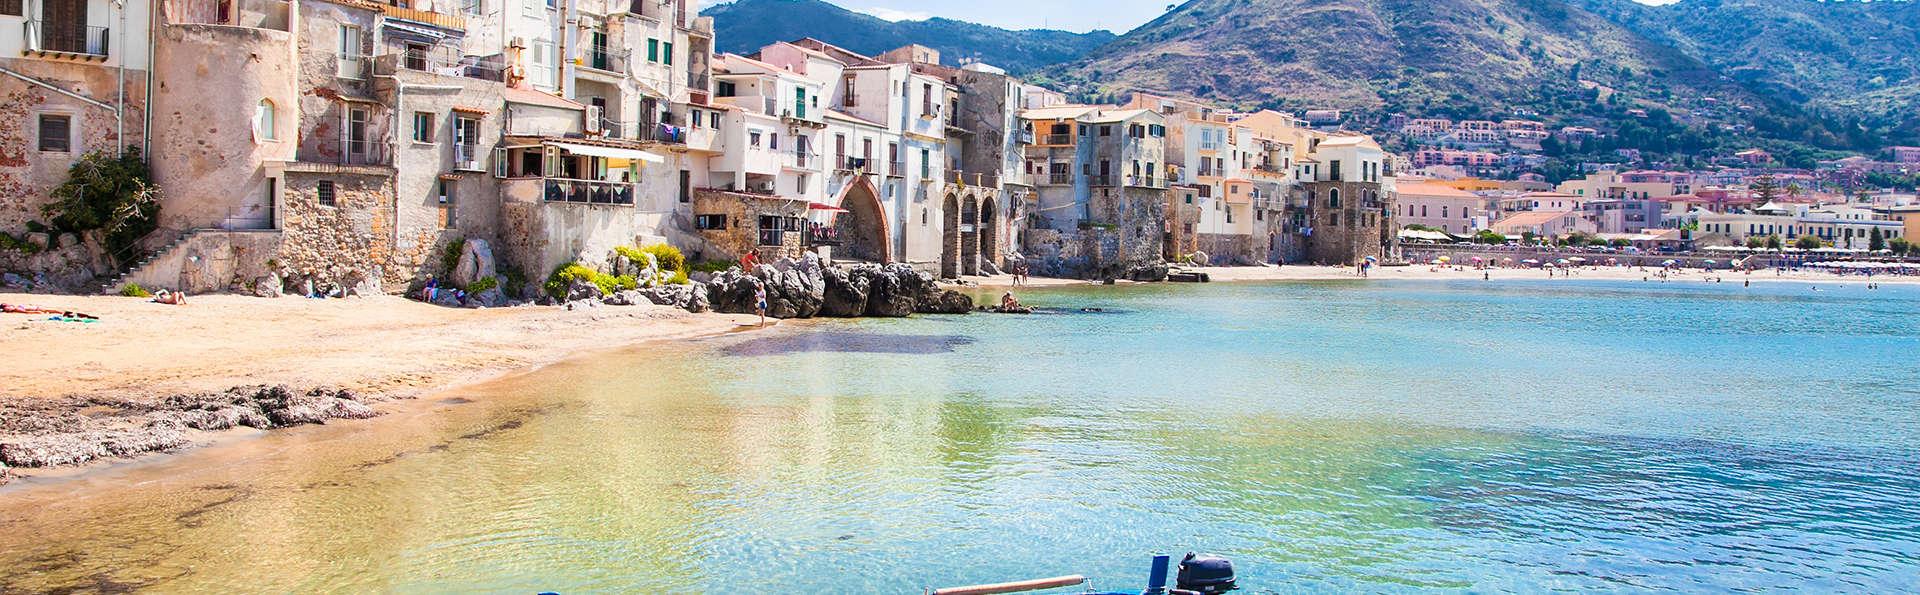 Hotel Baia del Capitano - Edit_Destination3.jpg